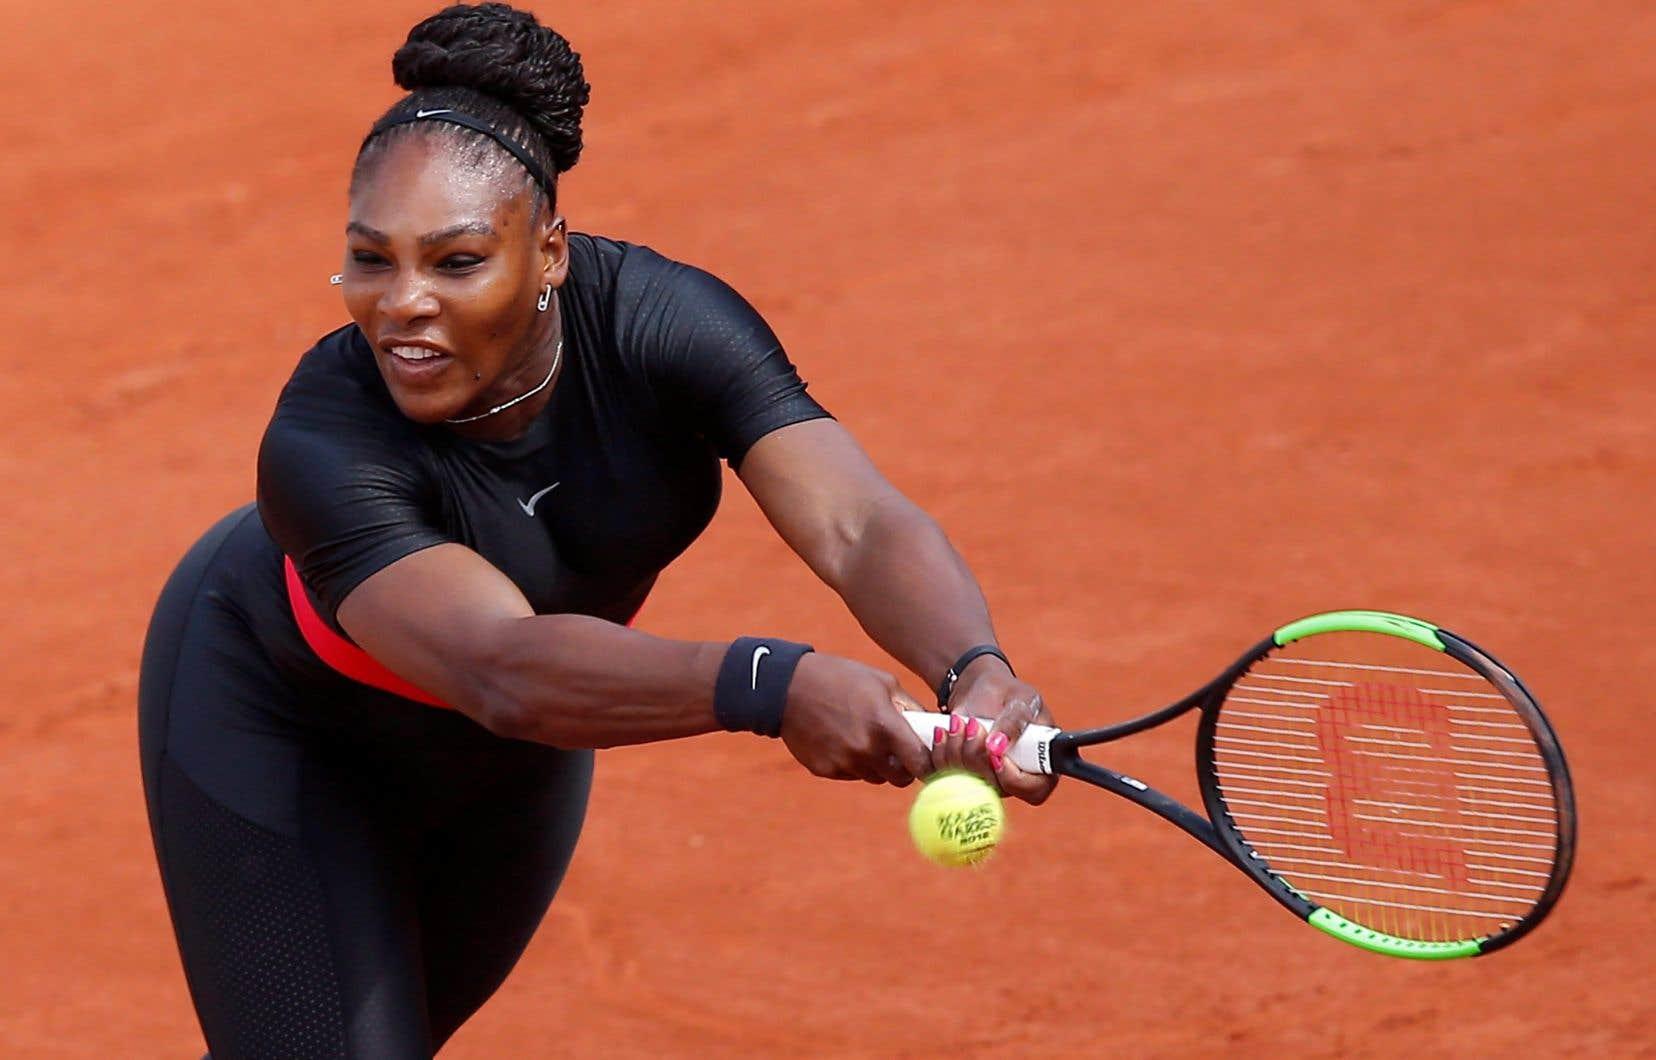 En 2018, le président de la Fédération française de tennis avait annoncé que la combinaison portée par Serena Williams lors du tournoi de Roland-Garros ne serait plus acceptée.